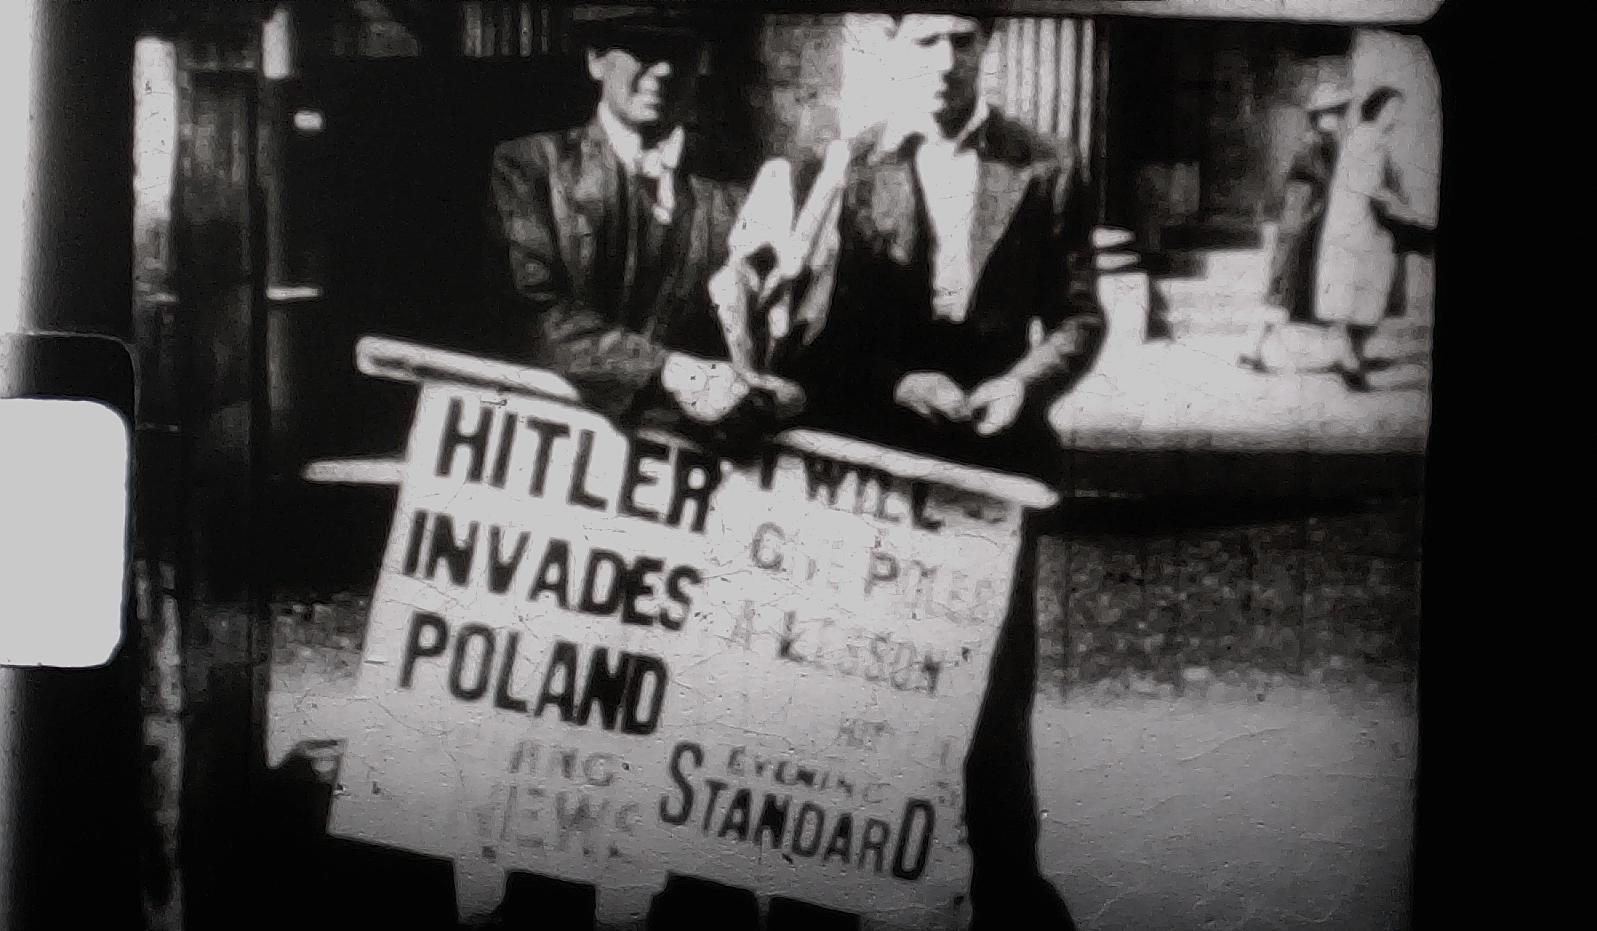 Hitler Invades Poland Super 8mm